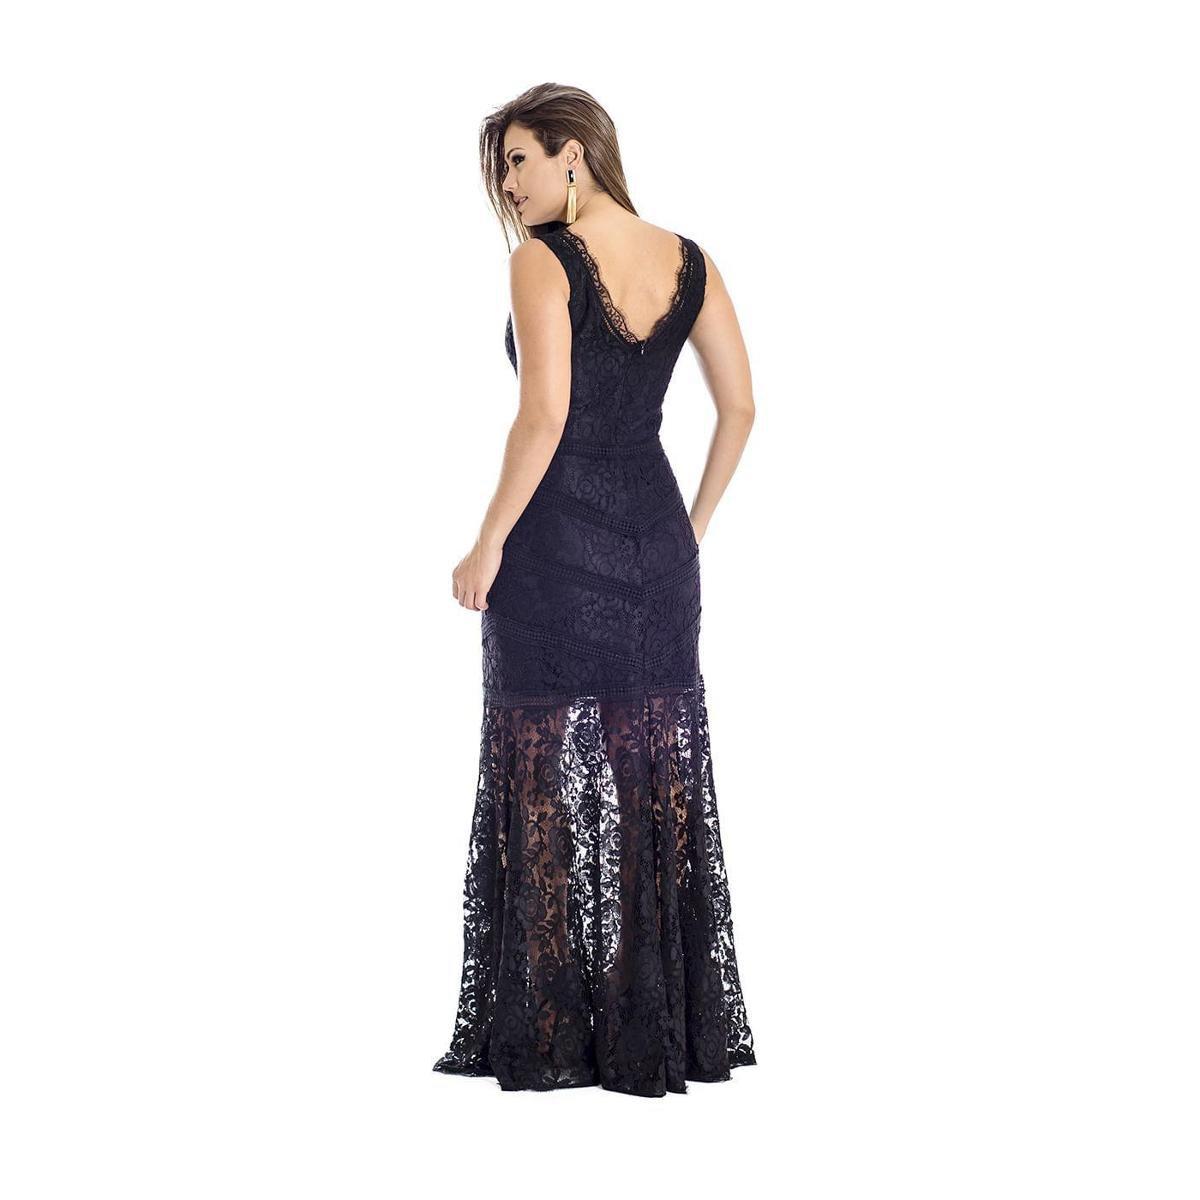 e303cd4e9f13d Vestido Longo Renda Ana Hickmann - Preto - Compre Agora   Zattini